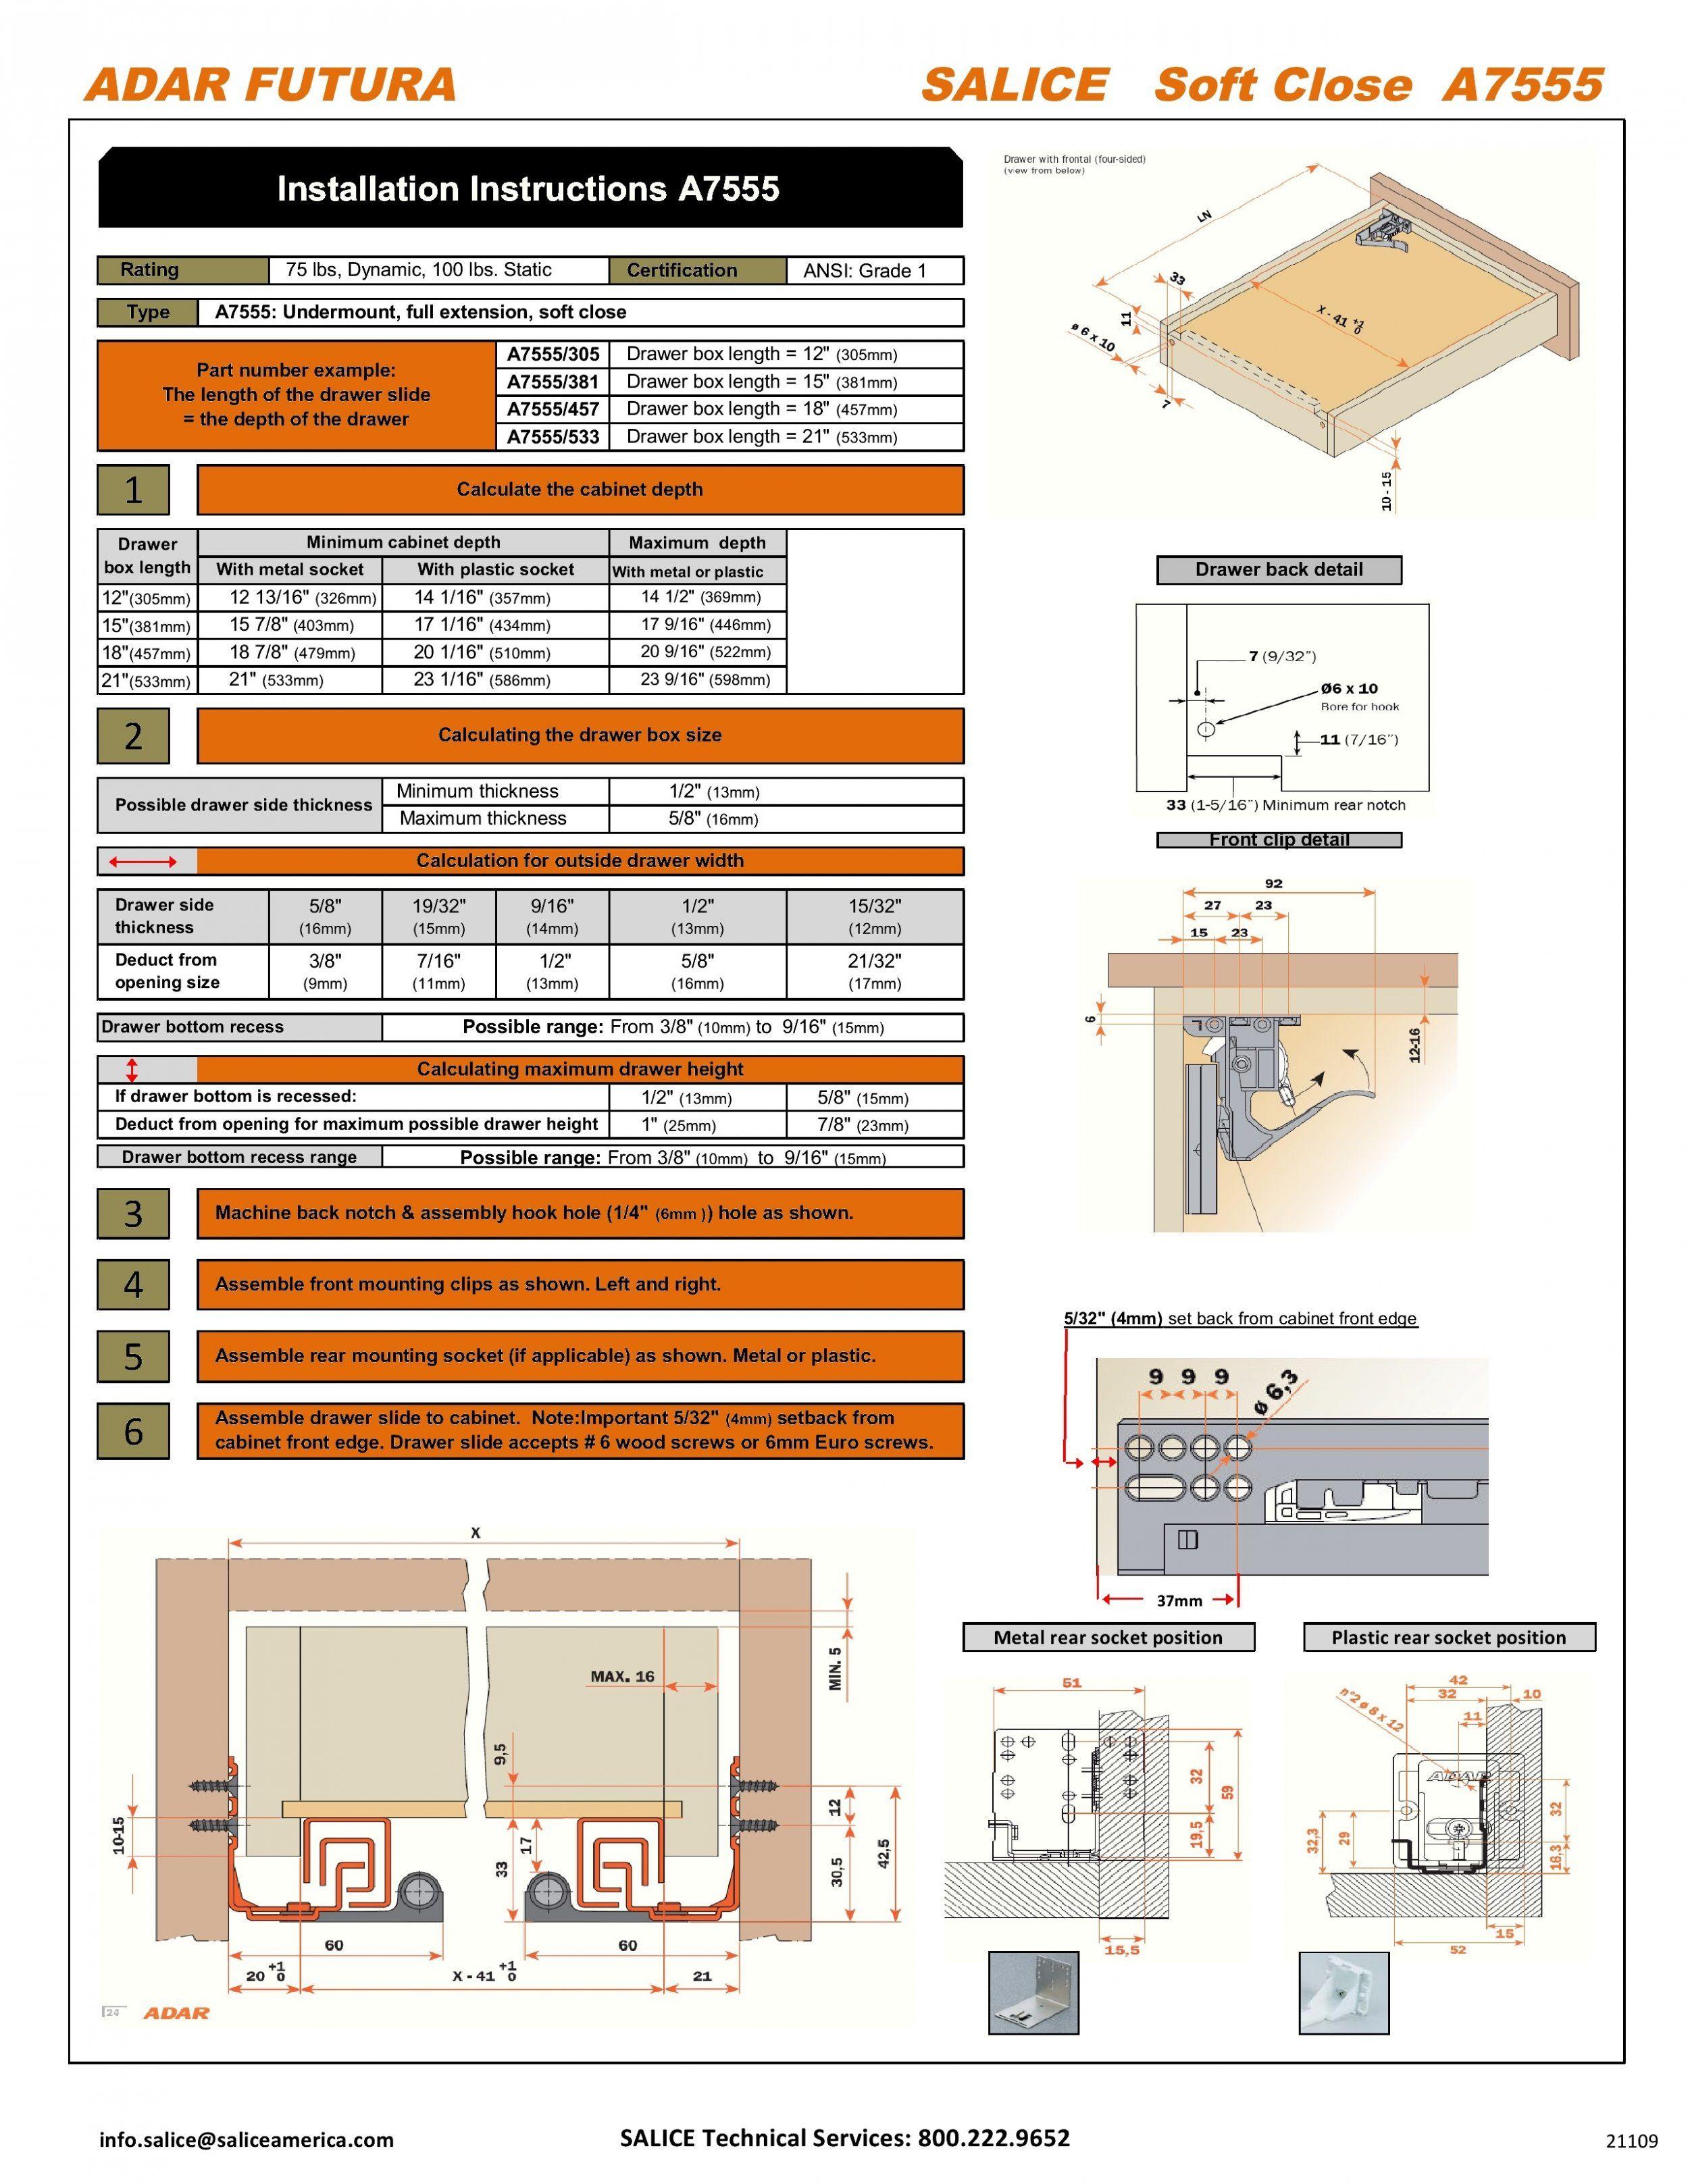 Blum Undermount Drawer Slides Specs Sickchickchic For Measurements